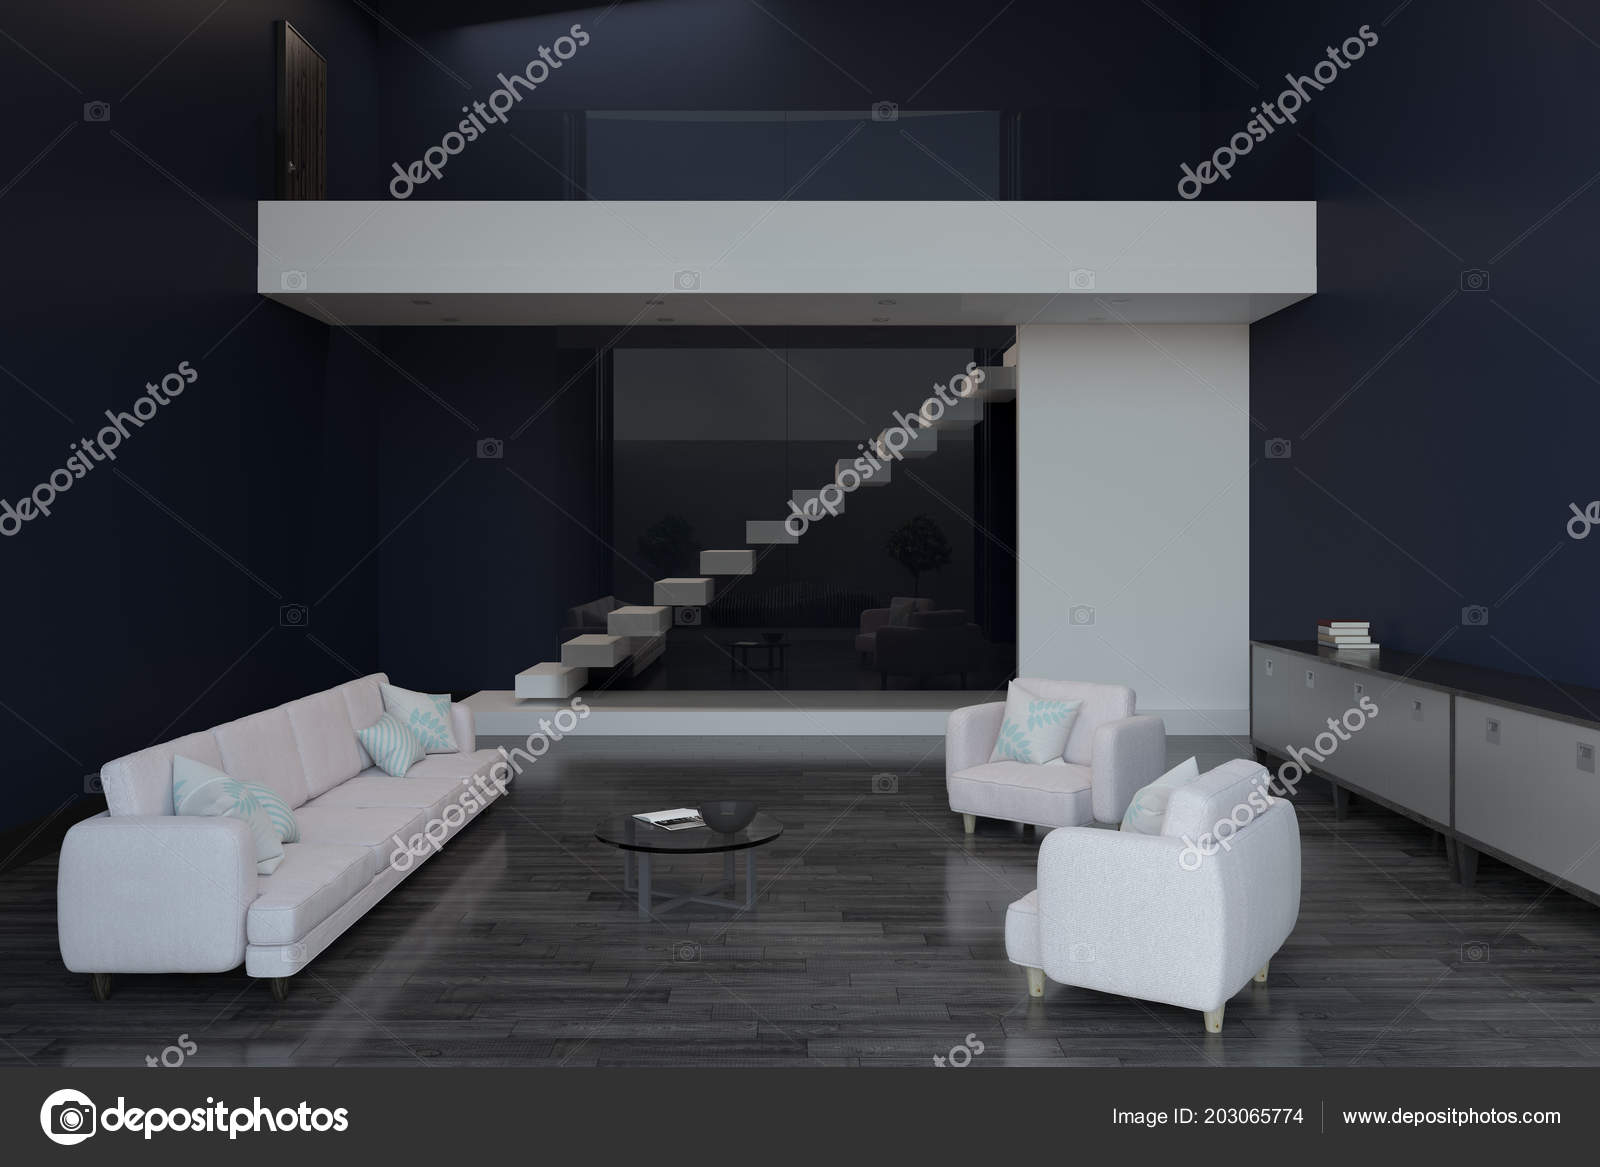 Design Moderne Salon Avec Mobilier Clair Marine Murs Plancher Bois ...